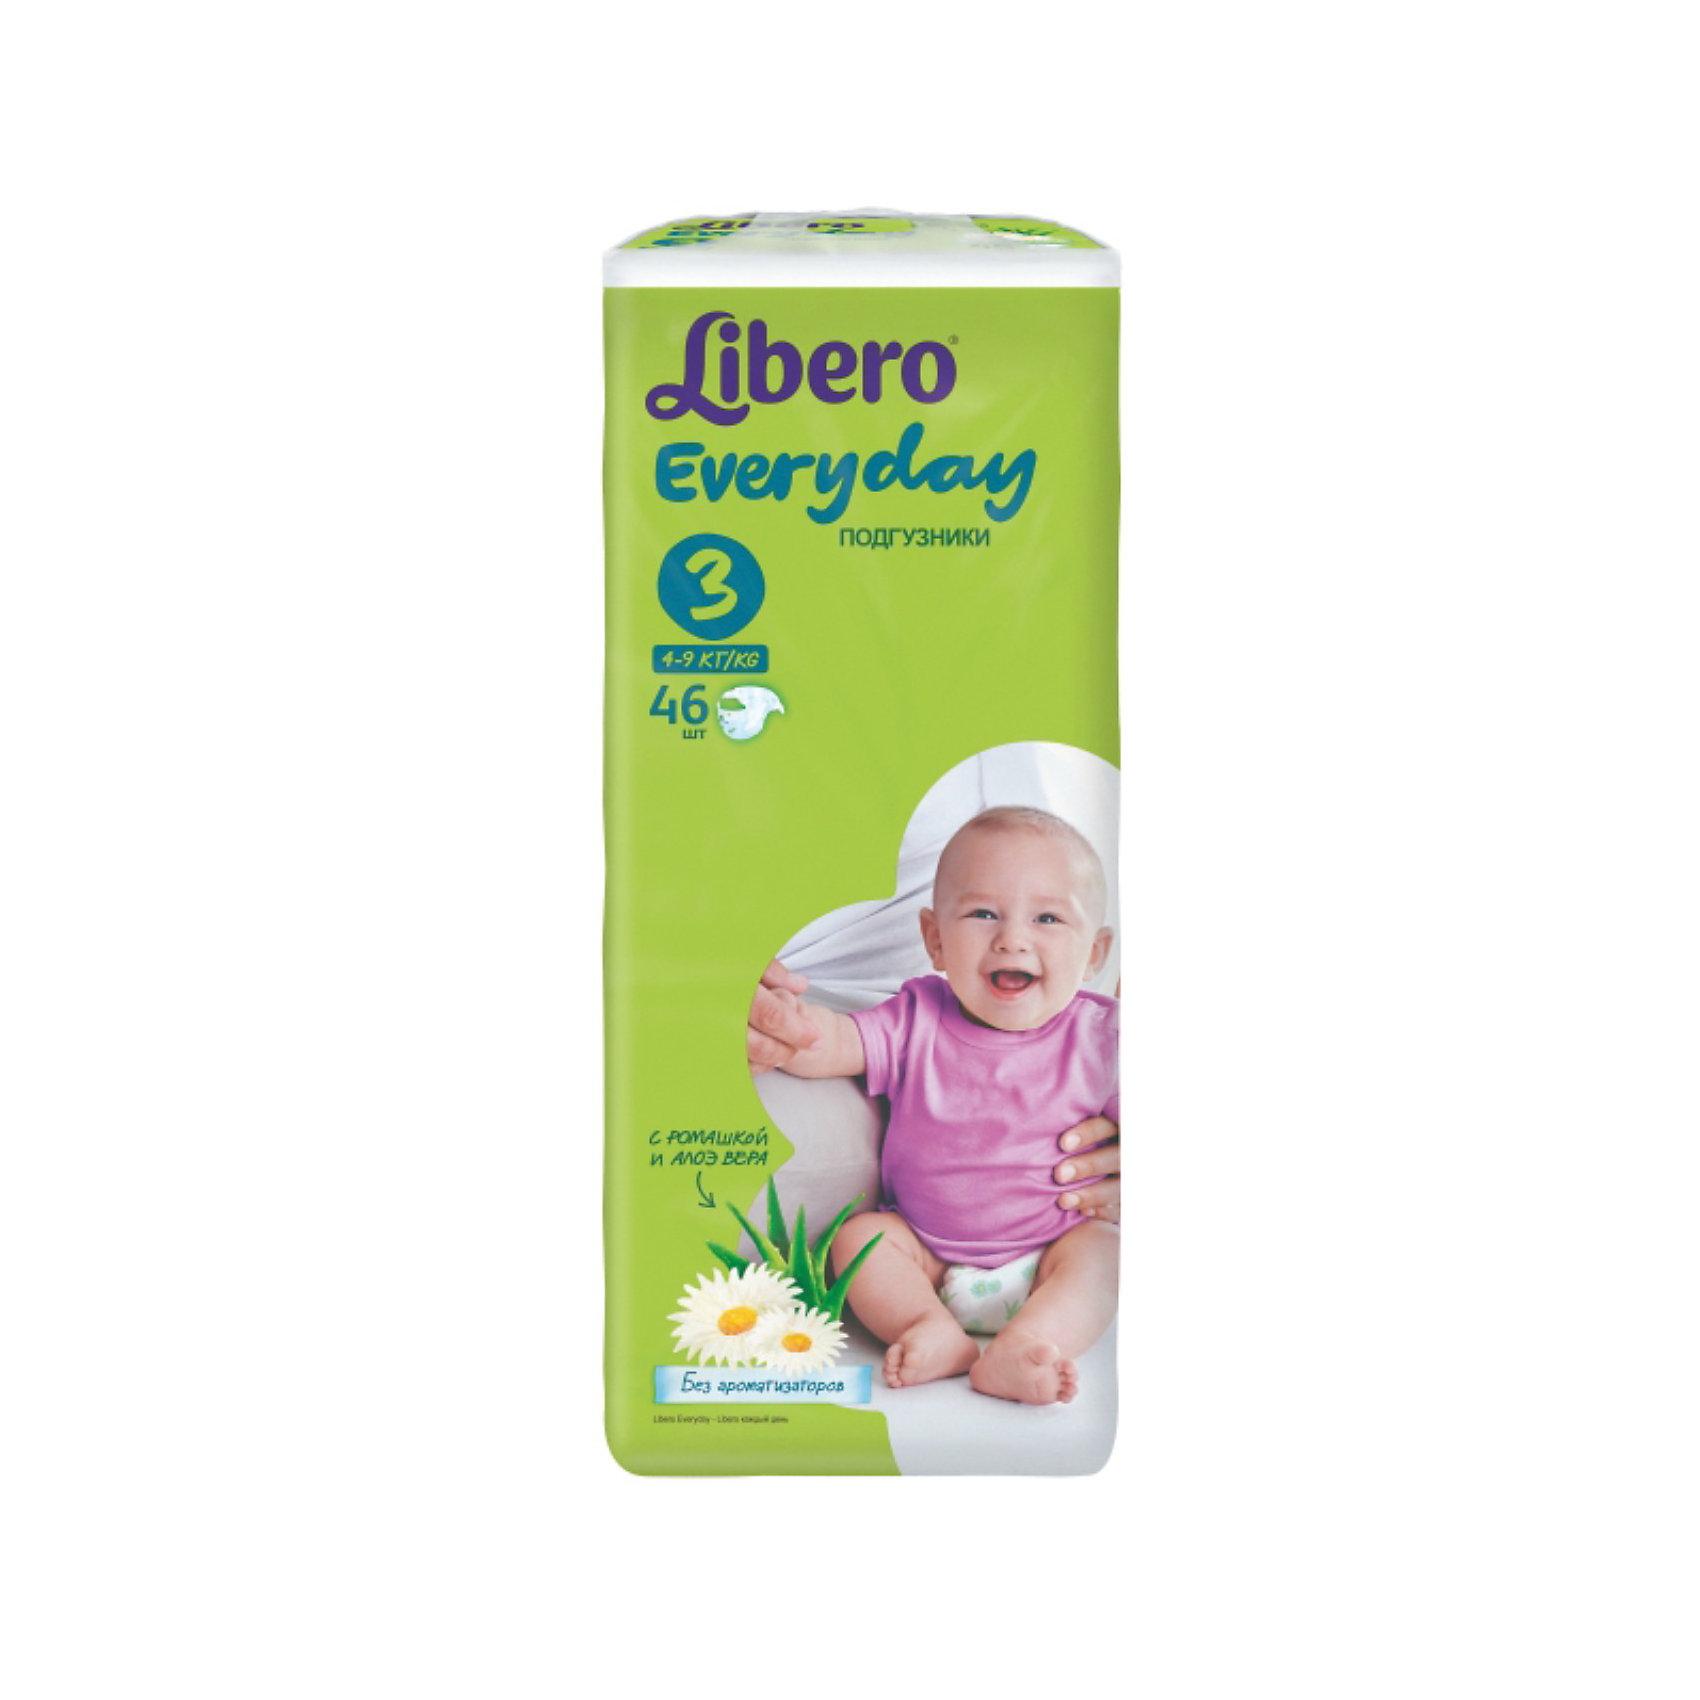 Подгузники Libero Everyday, Midi 4-9 кг (3), 46 шт., EconomПодгузники<br>Подгузники Libero Everyday (Либеро Эвридэй) Size 3 (4-9кг), 46 шт.<br><br>Характеристики:<br><br>• быстро впитывают влагу и удерживают ее<br>• нетканый дышащий материал<br>• эластичная резиночка не сковывает движения ребенка<br>• мягкий барьер вокруг ног защитит от протеканий<br>• приятный рисунок<br>• многоразовые застежки<br>• размер: 3 (от 4 до 9 кг)<br>• количество в упаковке: 46 шт.<br><br>Подгузники Libero Everyday подарят сухость и комфорт вашему малышу. Подгузники плотно прилегают к телу и не сковывают движения крохи, благодаря эластичному поясу. Нетканый материал подгузника имеет отверстия для циркуляции воздуха, позволяющие коже дышать. Внутренний слой быстро впитывает влагу, равномерно распределяет и удерживает ее внутри. <br>Ромашка и алоэ бережно позаботятся о коже малыша и не допустят воспаления и раздражения. Подарите крохе комфорт с подгузниками Libero Everyday!<br><br>Подгузники Libero Everyday (Либеро Эвридэй) Size 3 (4-9кг), 46 шт. можно купить в нашем интернет-магазине.<br><br>Ширина мм: 115<br>Глубина мм: 195<br>Высота мм: 405<br>Вес г: 1370<br>Возраст от месяцев: 0<br>Возраст до месяцев: 9<br>Пол: Унисекс<br>Возраст: Детский<br>SKU: 3517602